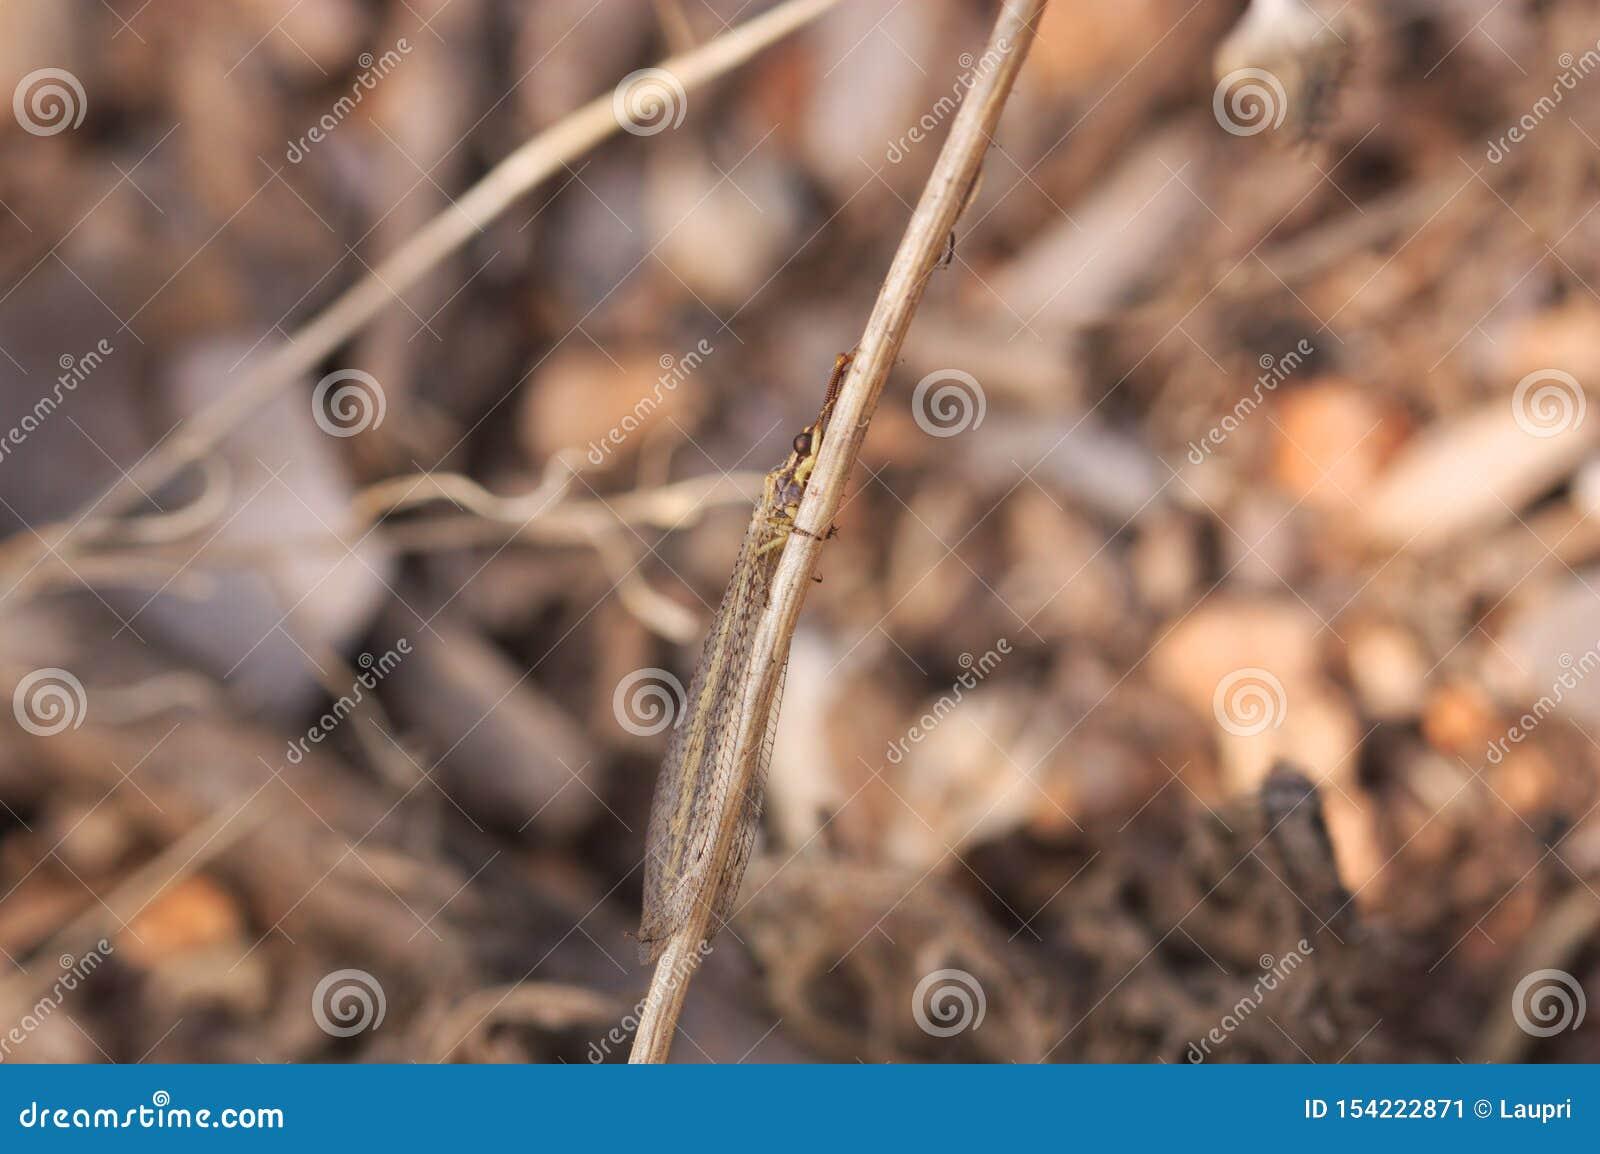 Immagine di una formica del leone nel suo ambiente fra le erbe del suolo